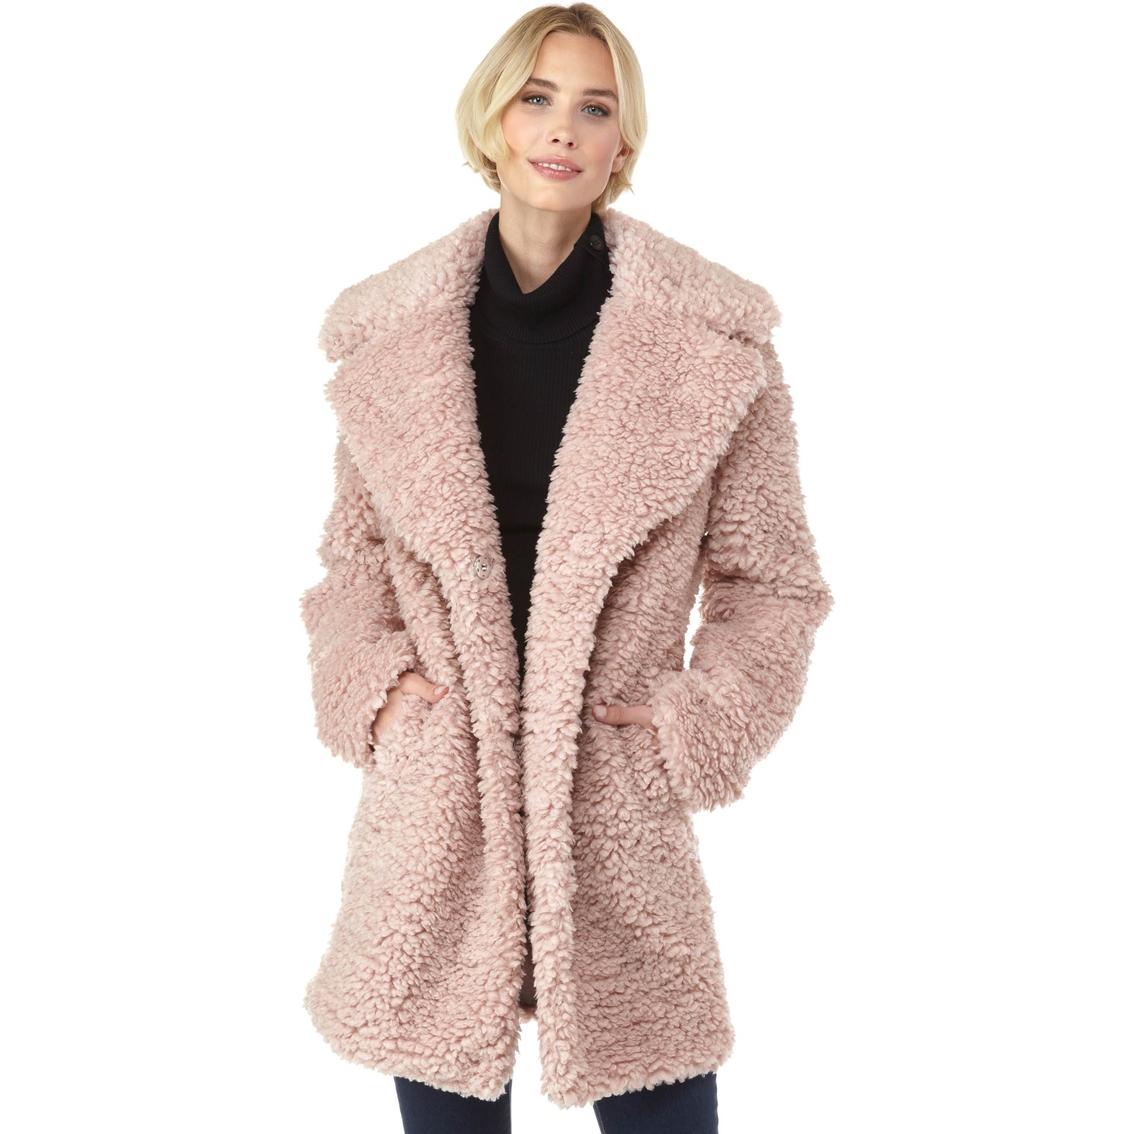 1536c809b79 Kensie Faux Fur Teddy Notch Collar Coat | Coats | Apparel | Shop The ...